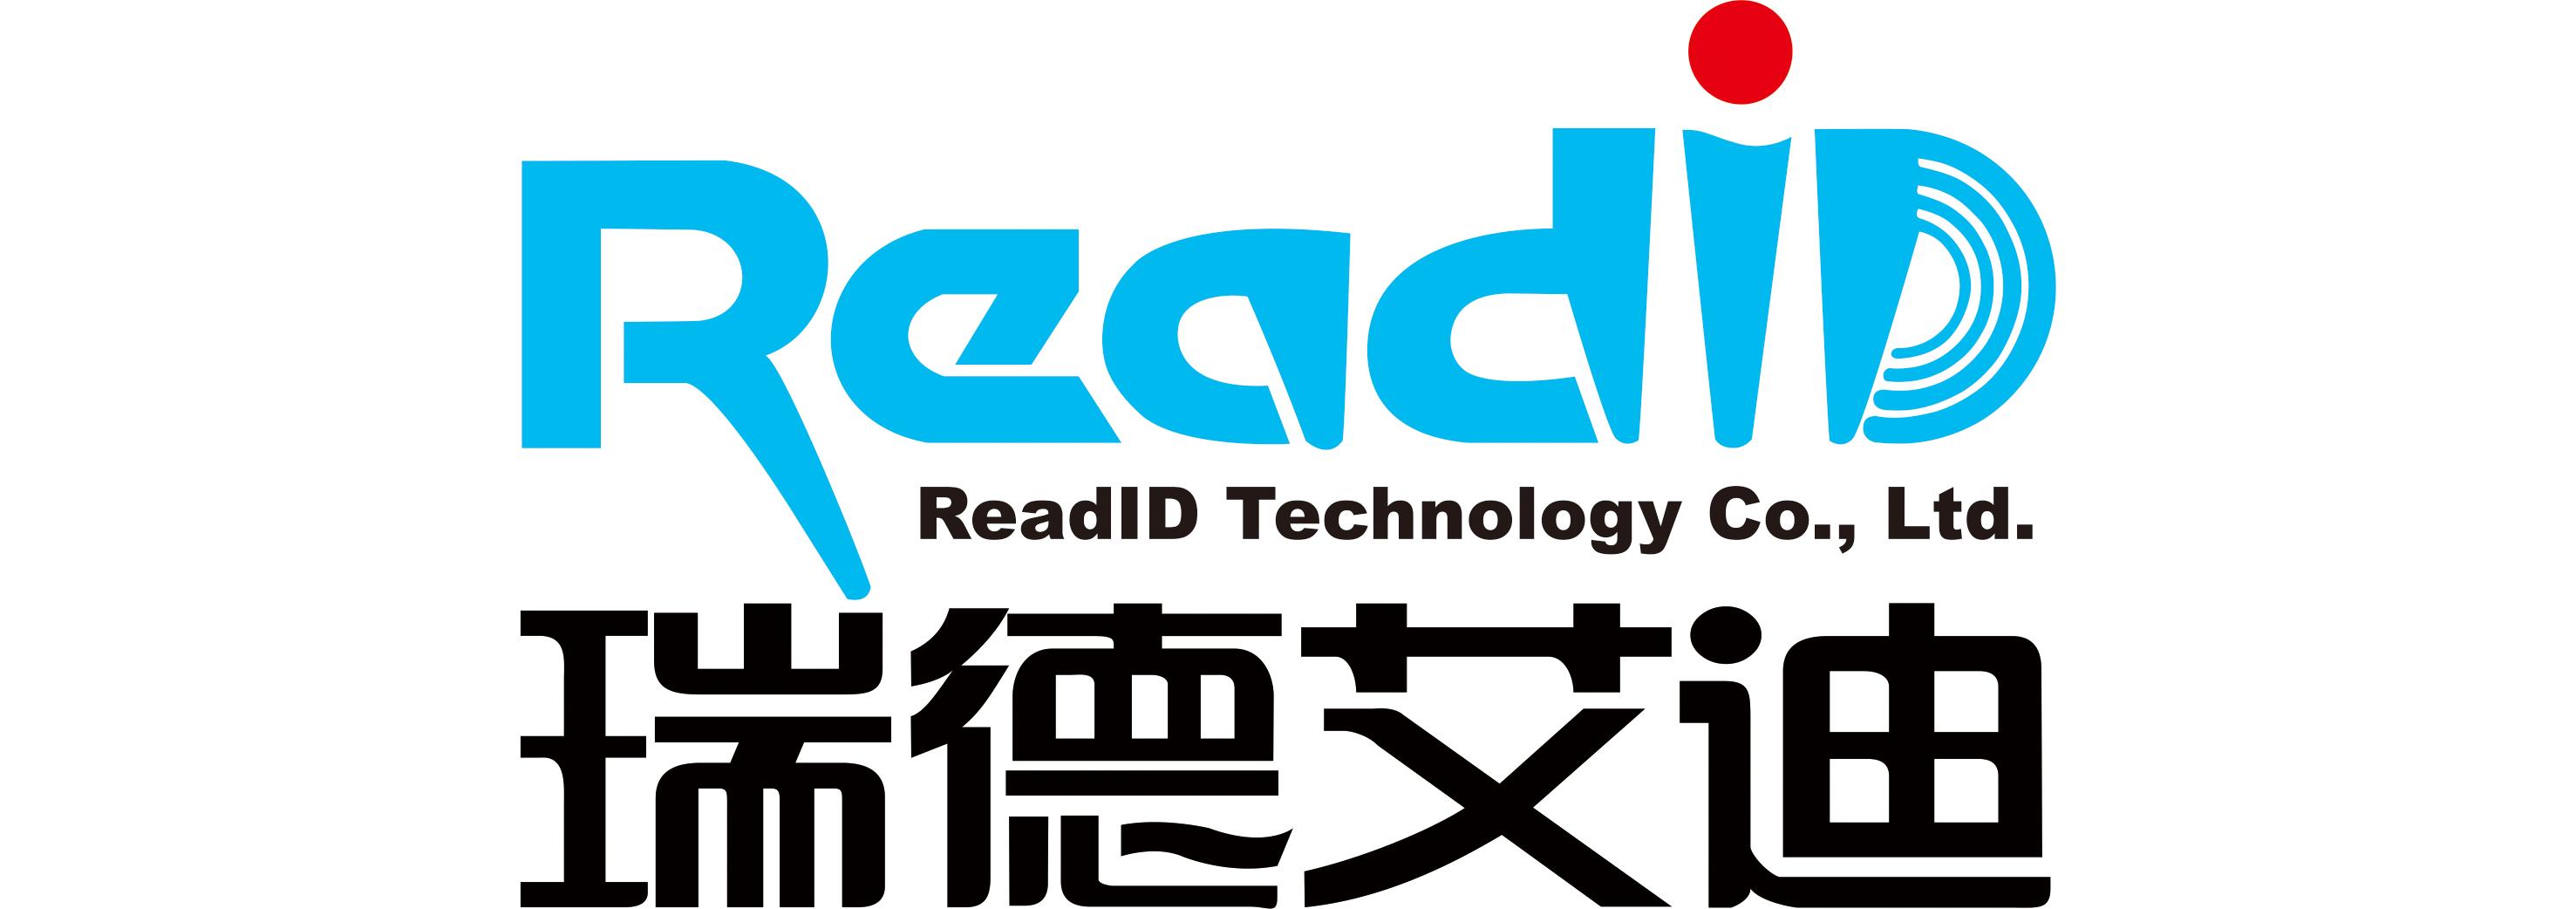 北京瑞德艾迪科技有限公司-深圳物联网展会